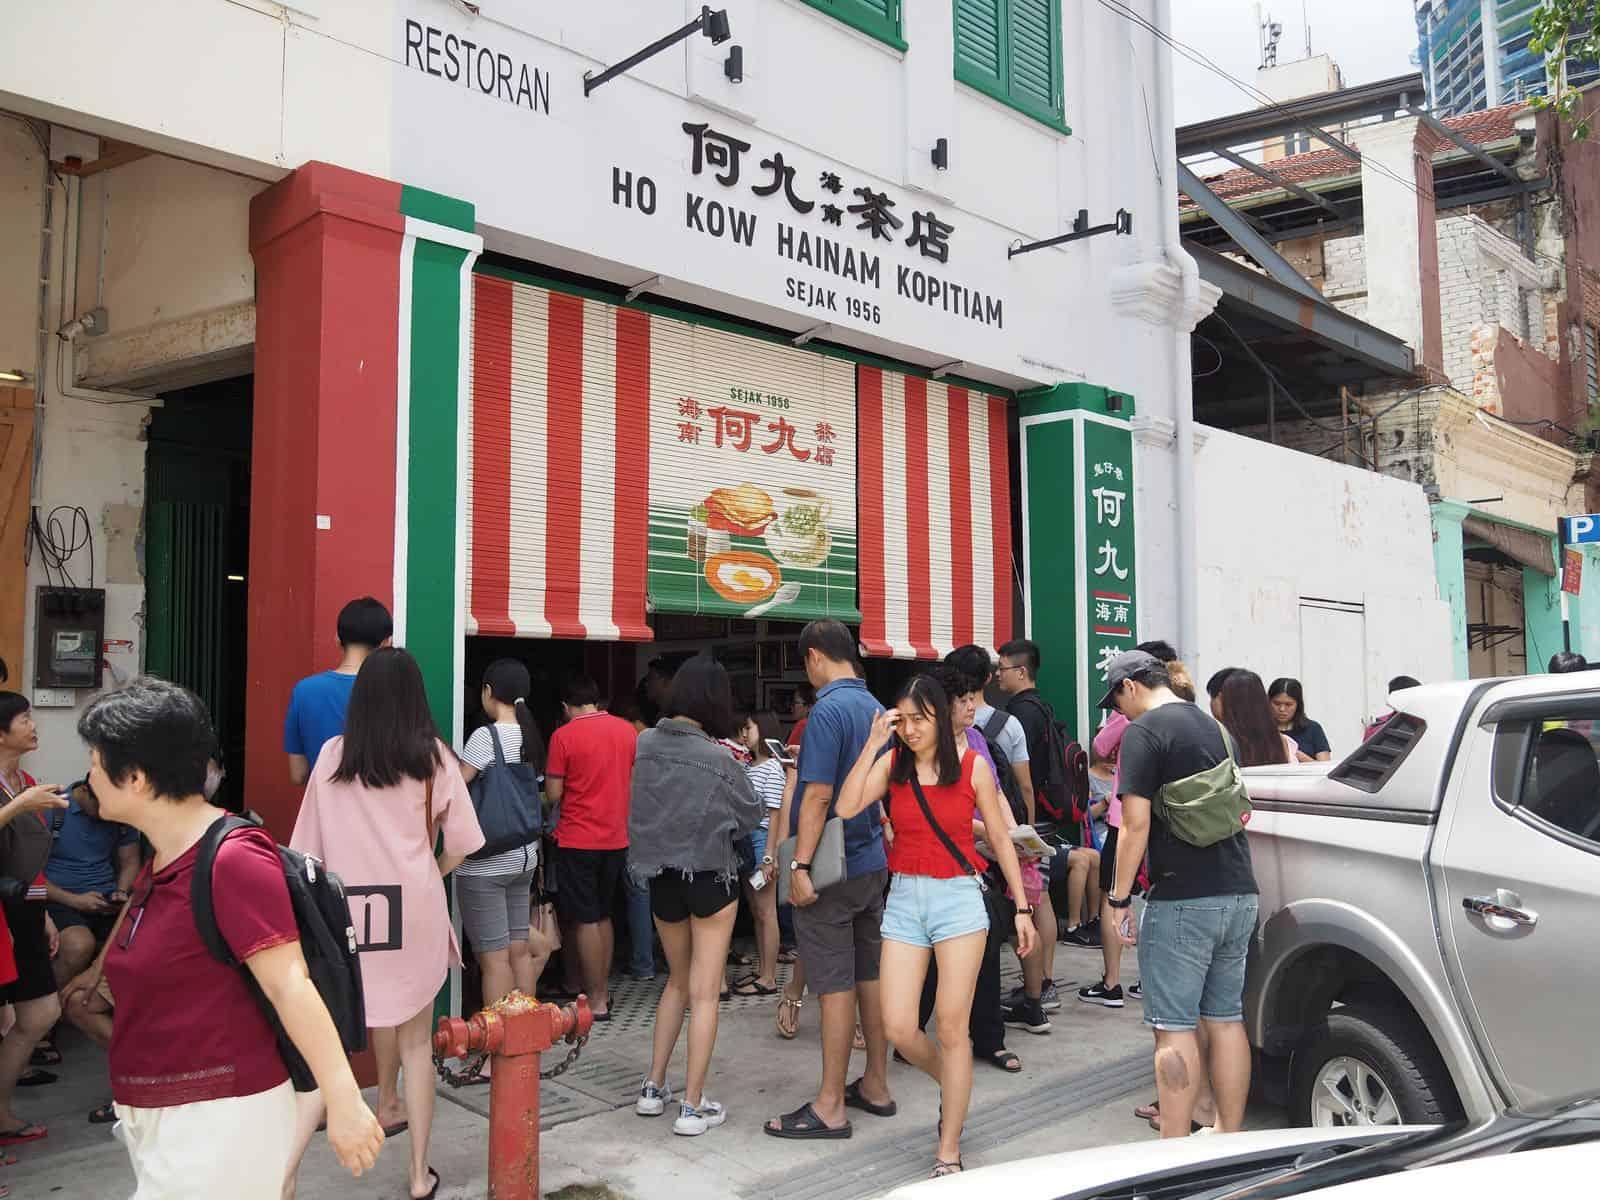 best-Malaysian-foods-to-try-in-Kuala-Lumpur-Chinatown-Ho-Kow-Hainam-Kopitiam-Travel-Mermaid 01